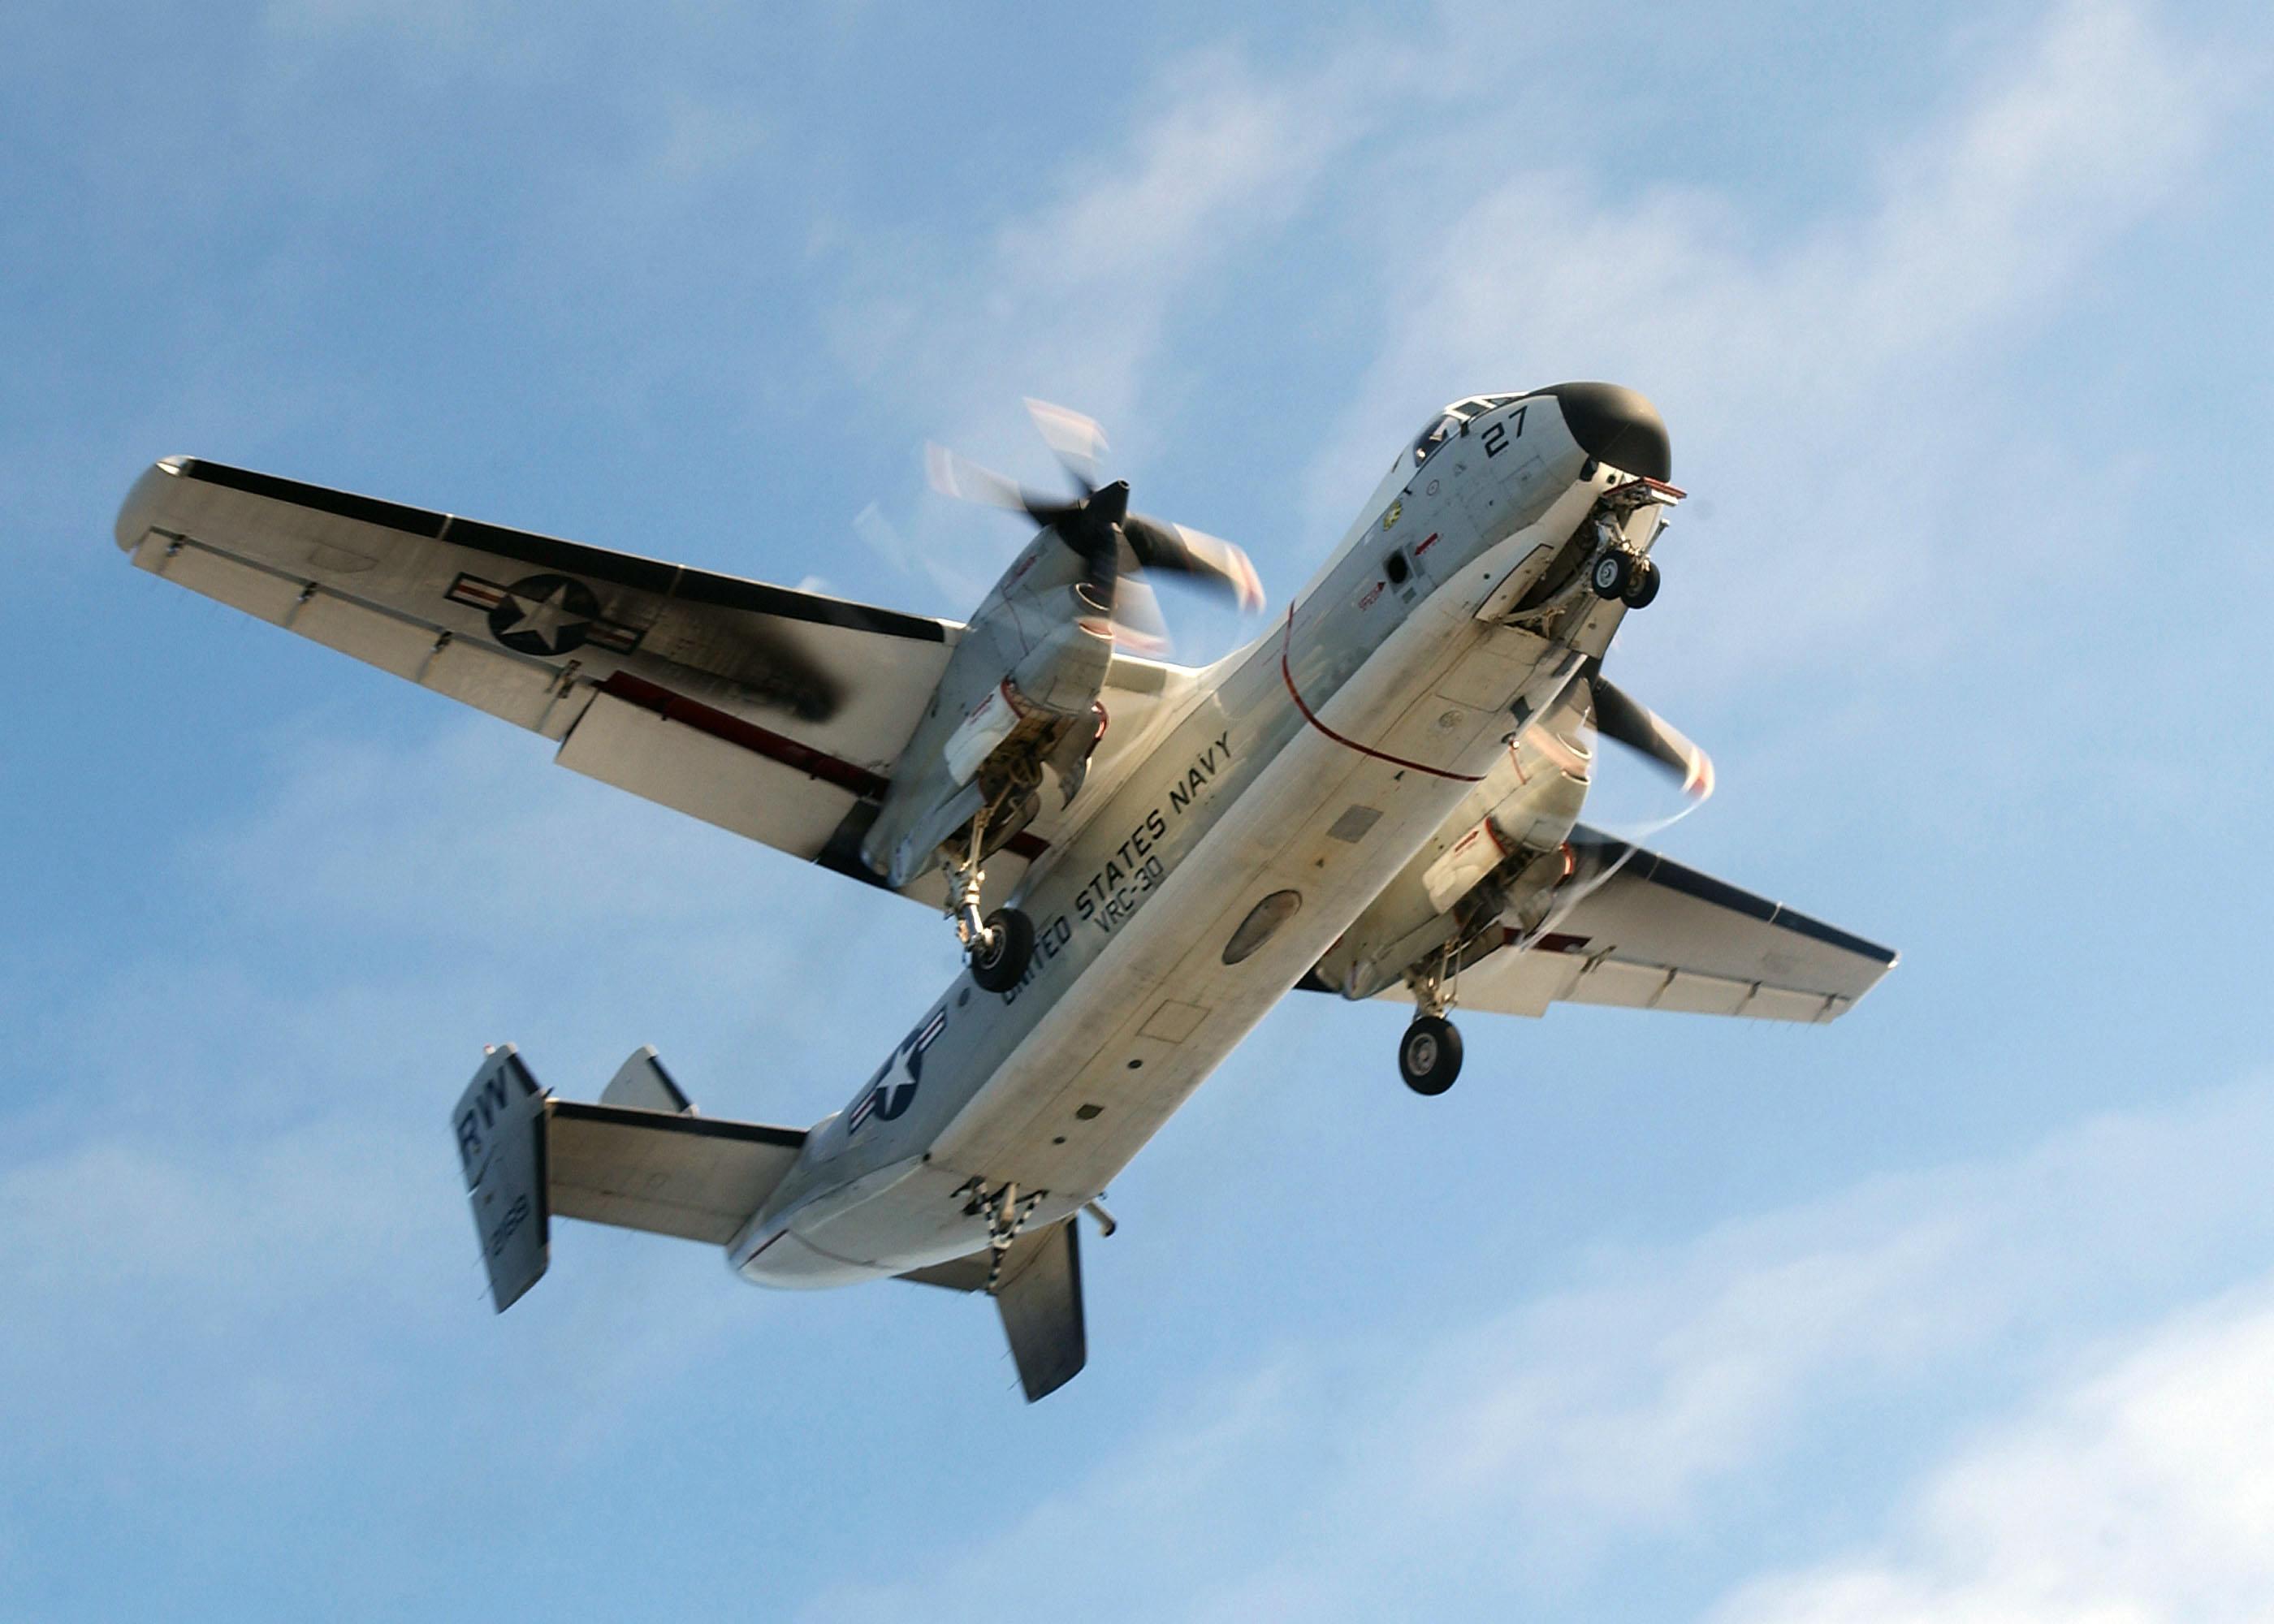 C 2a Greyhound Logistics Aircraft -001 A C-2A Greyhound ...